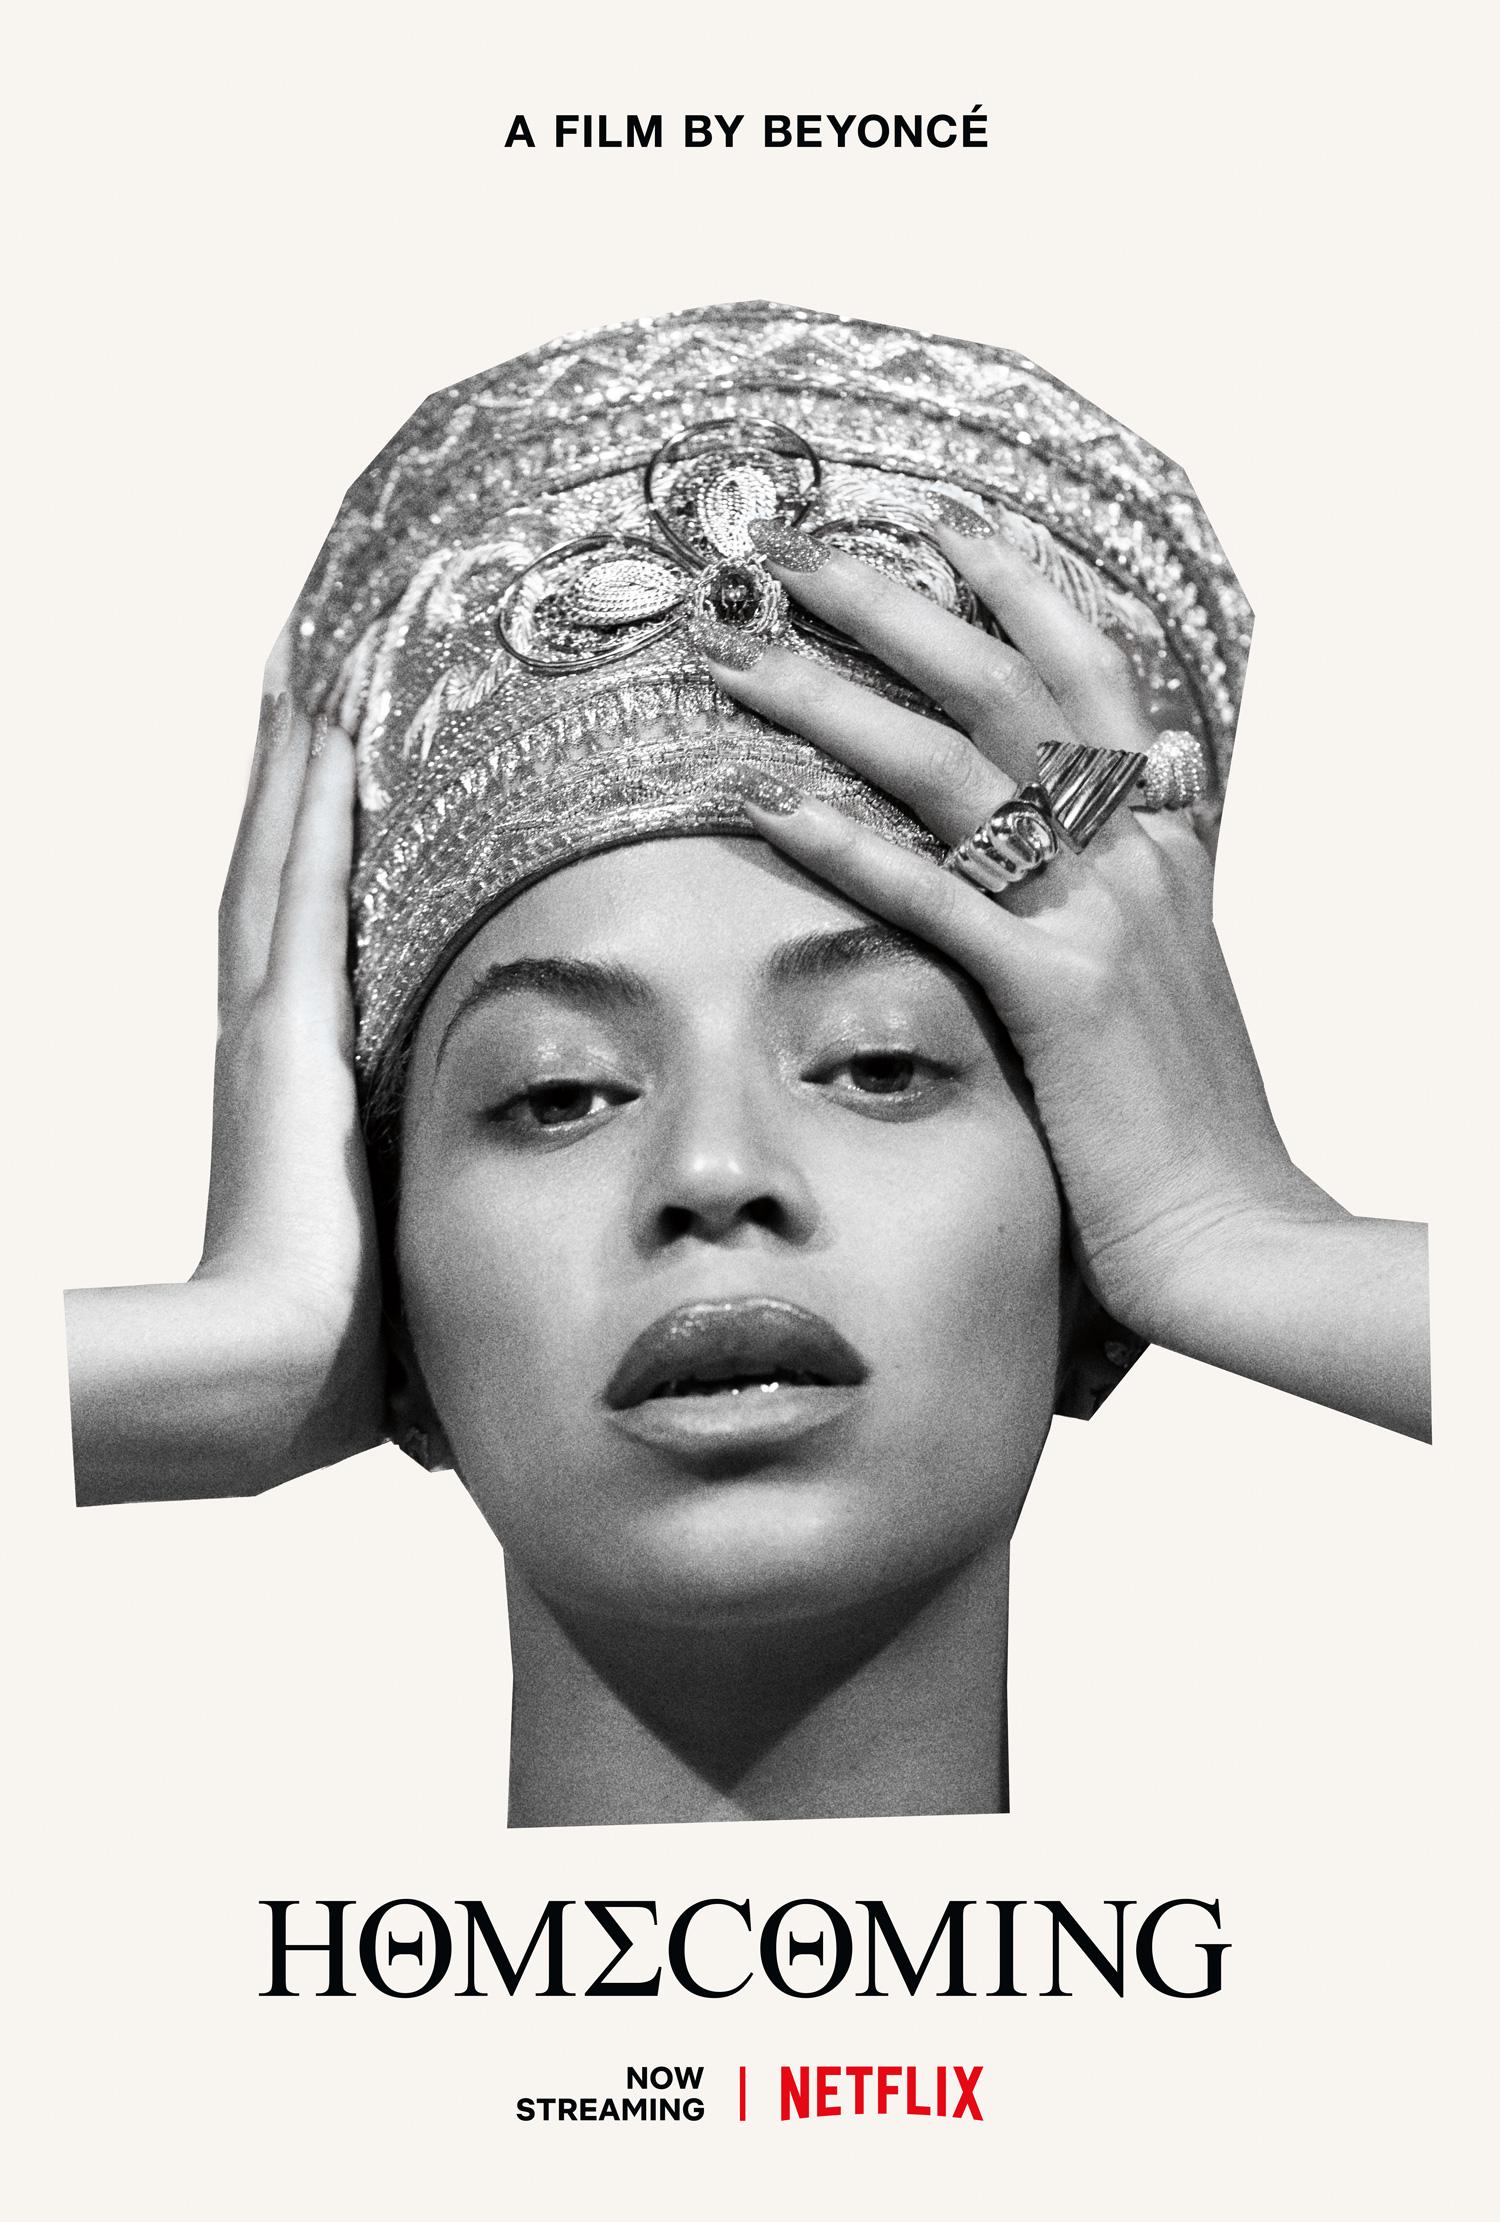 Crítica   Homecoming: A Film By Beyoncé